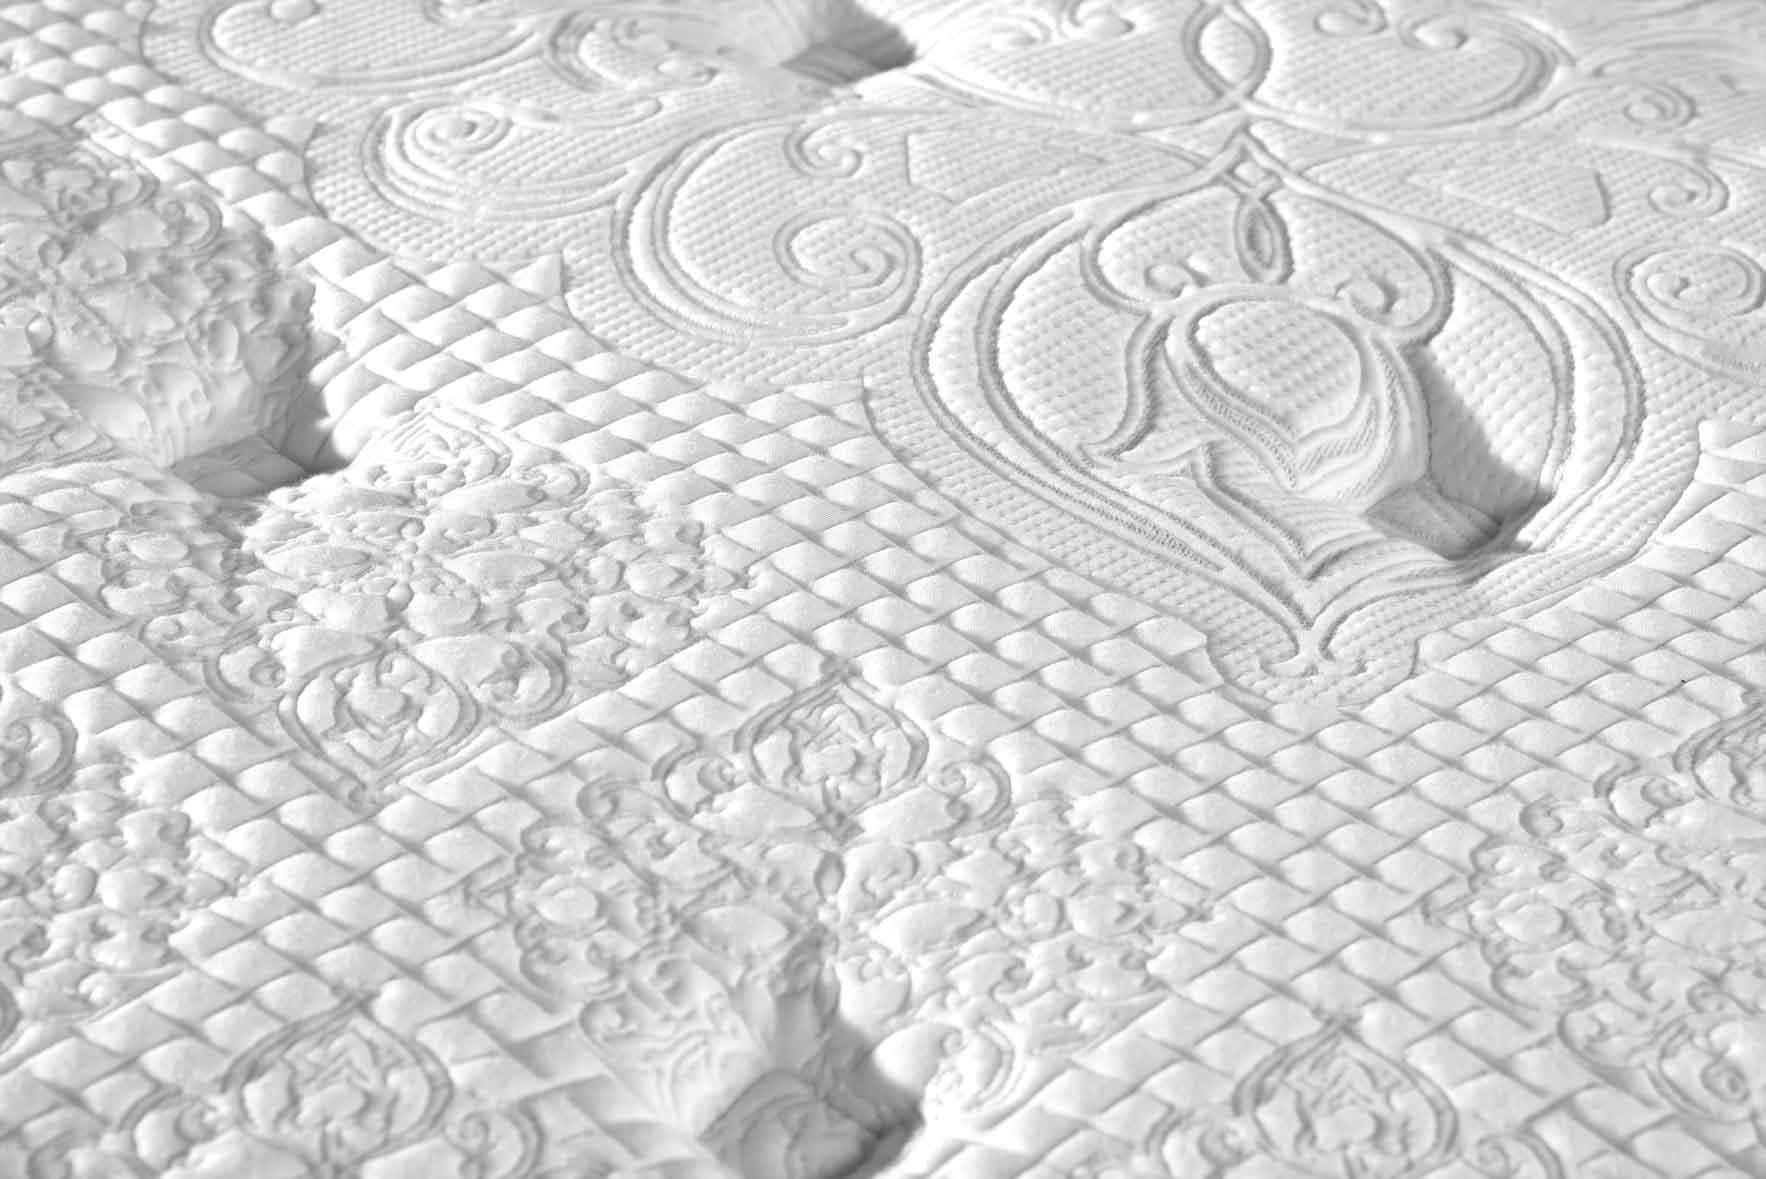 苏州乳胶床垫需要多少钱 苏州星夜家居科技供应